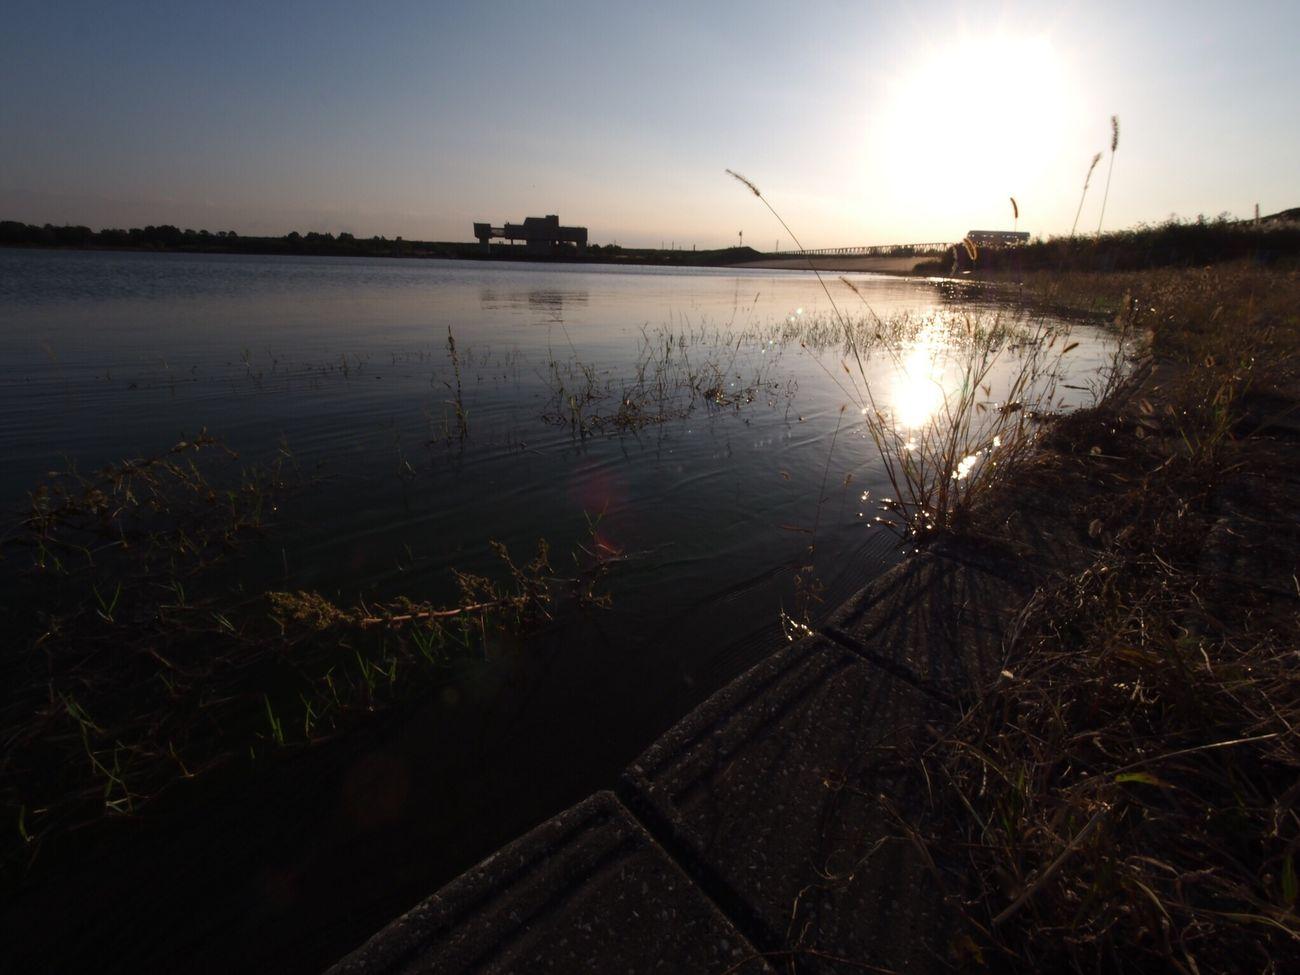 2016.10.20 埼玉県 彩湖 広角レンズ  今、話題の彩湖に行って来ました。 写真ではレンズの効果で広く見えますが、実際はそれ程でもありません。 ただ、もしここで滞りなく行なえるのなら、見やすくて楽しいかもしれません。